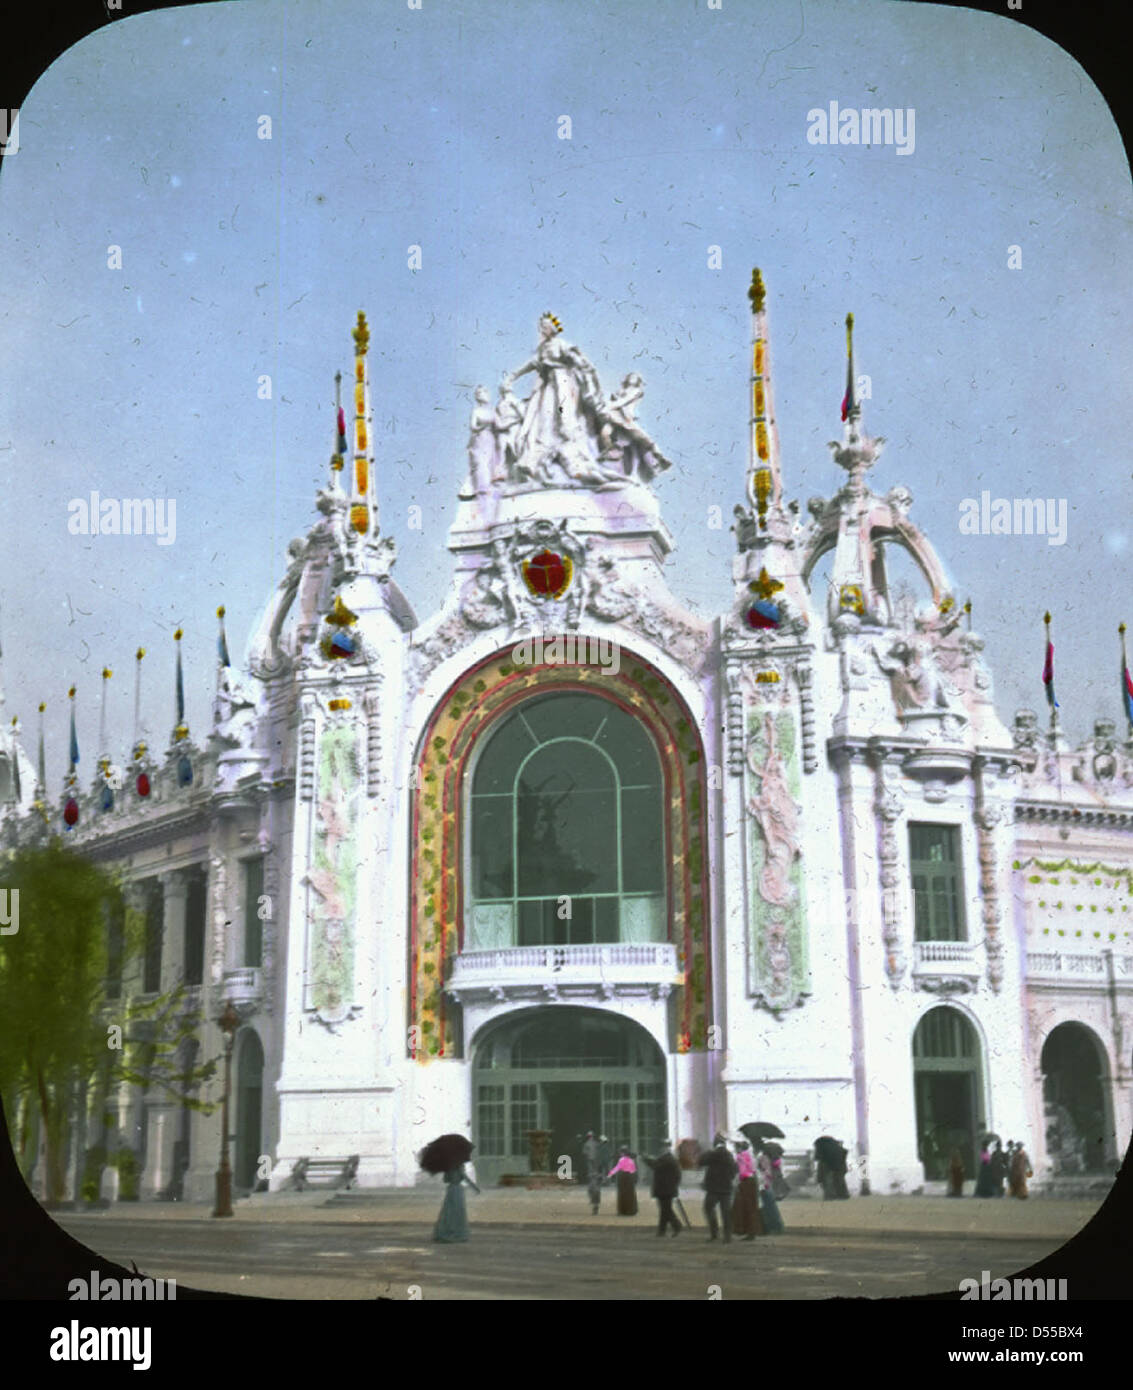 Paris Exposition: Palace of Decorative Arts, Paris, France, 1900 - Stock Image